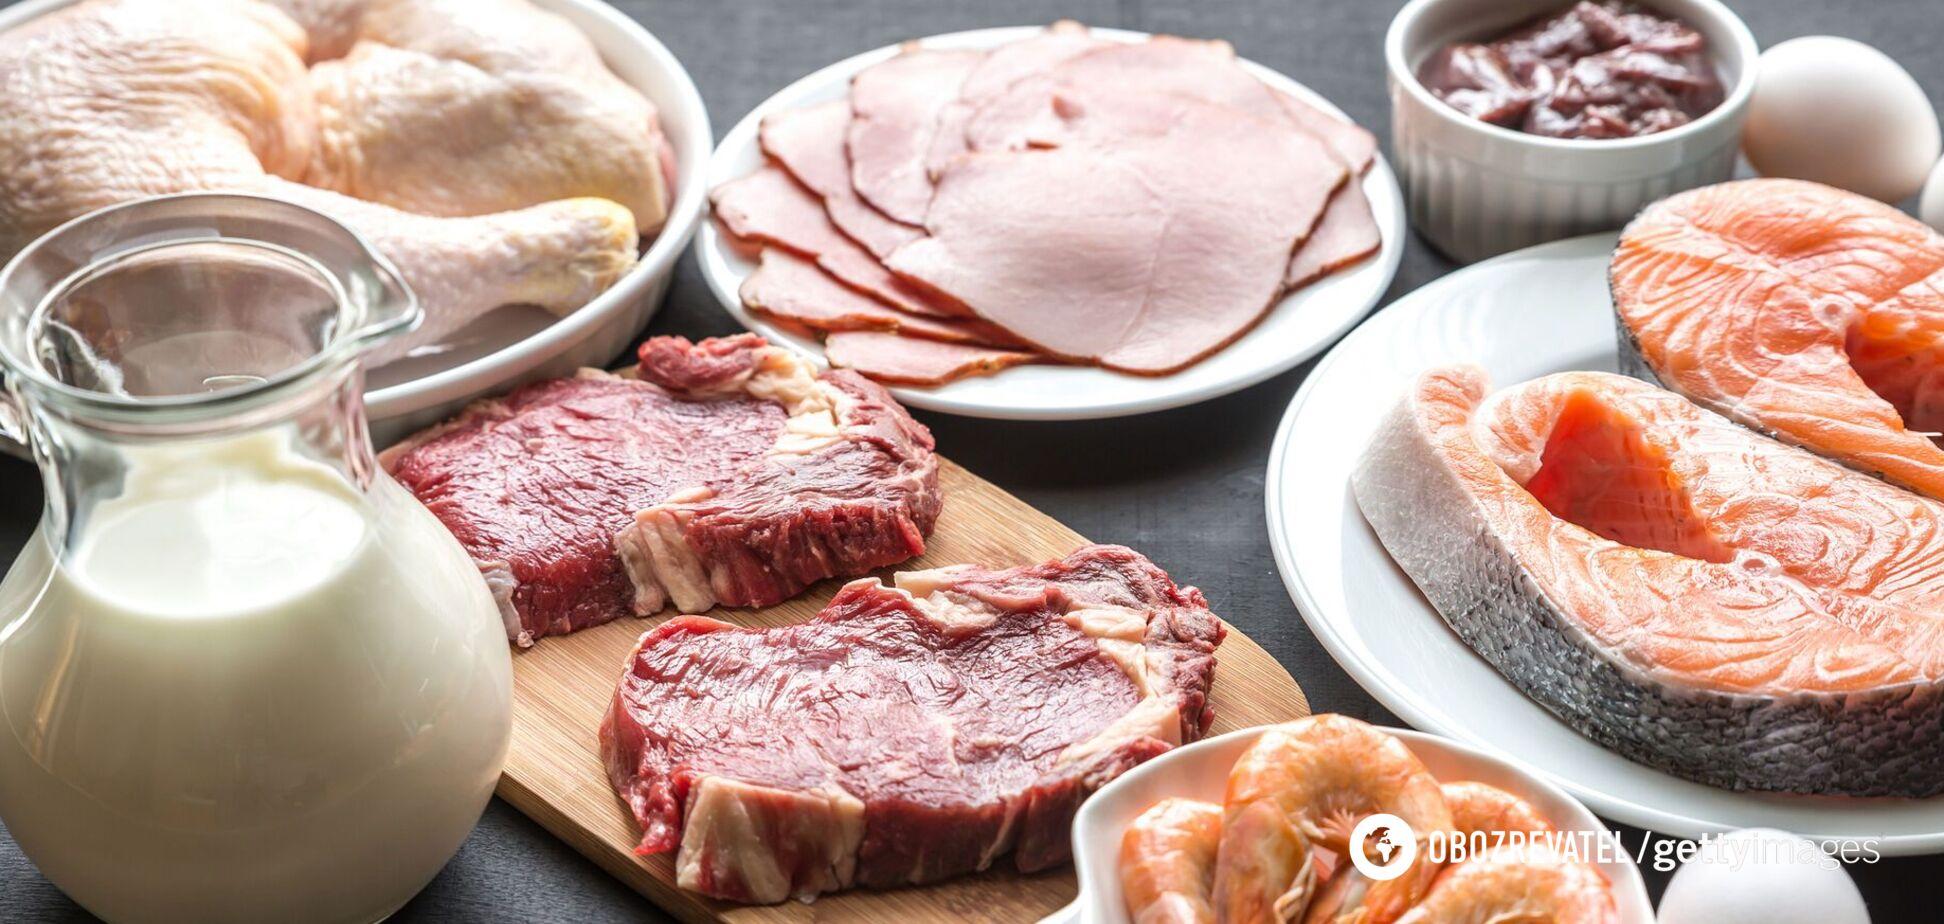 Куриное мясо вызывает 5 % пищевых отравлений